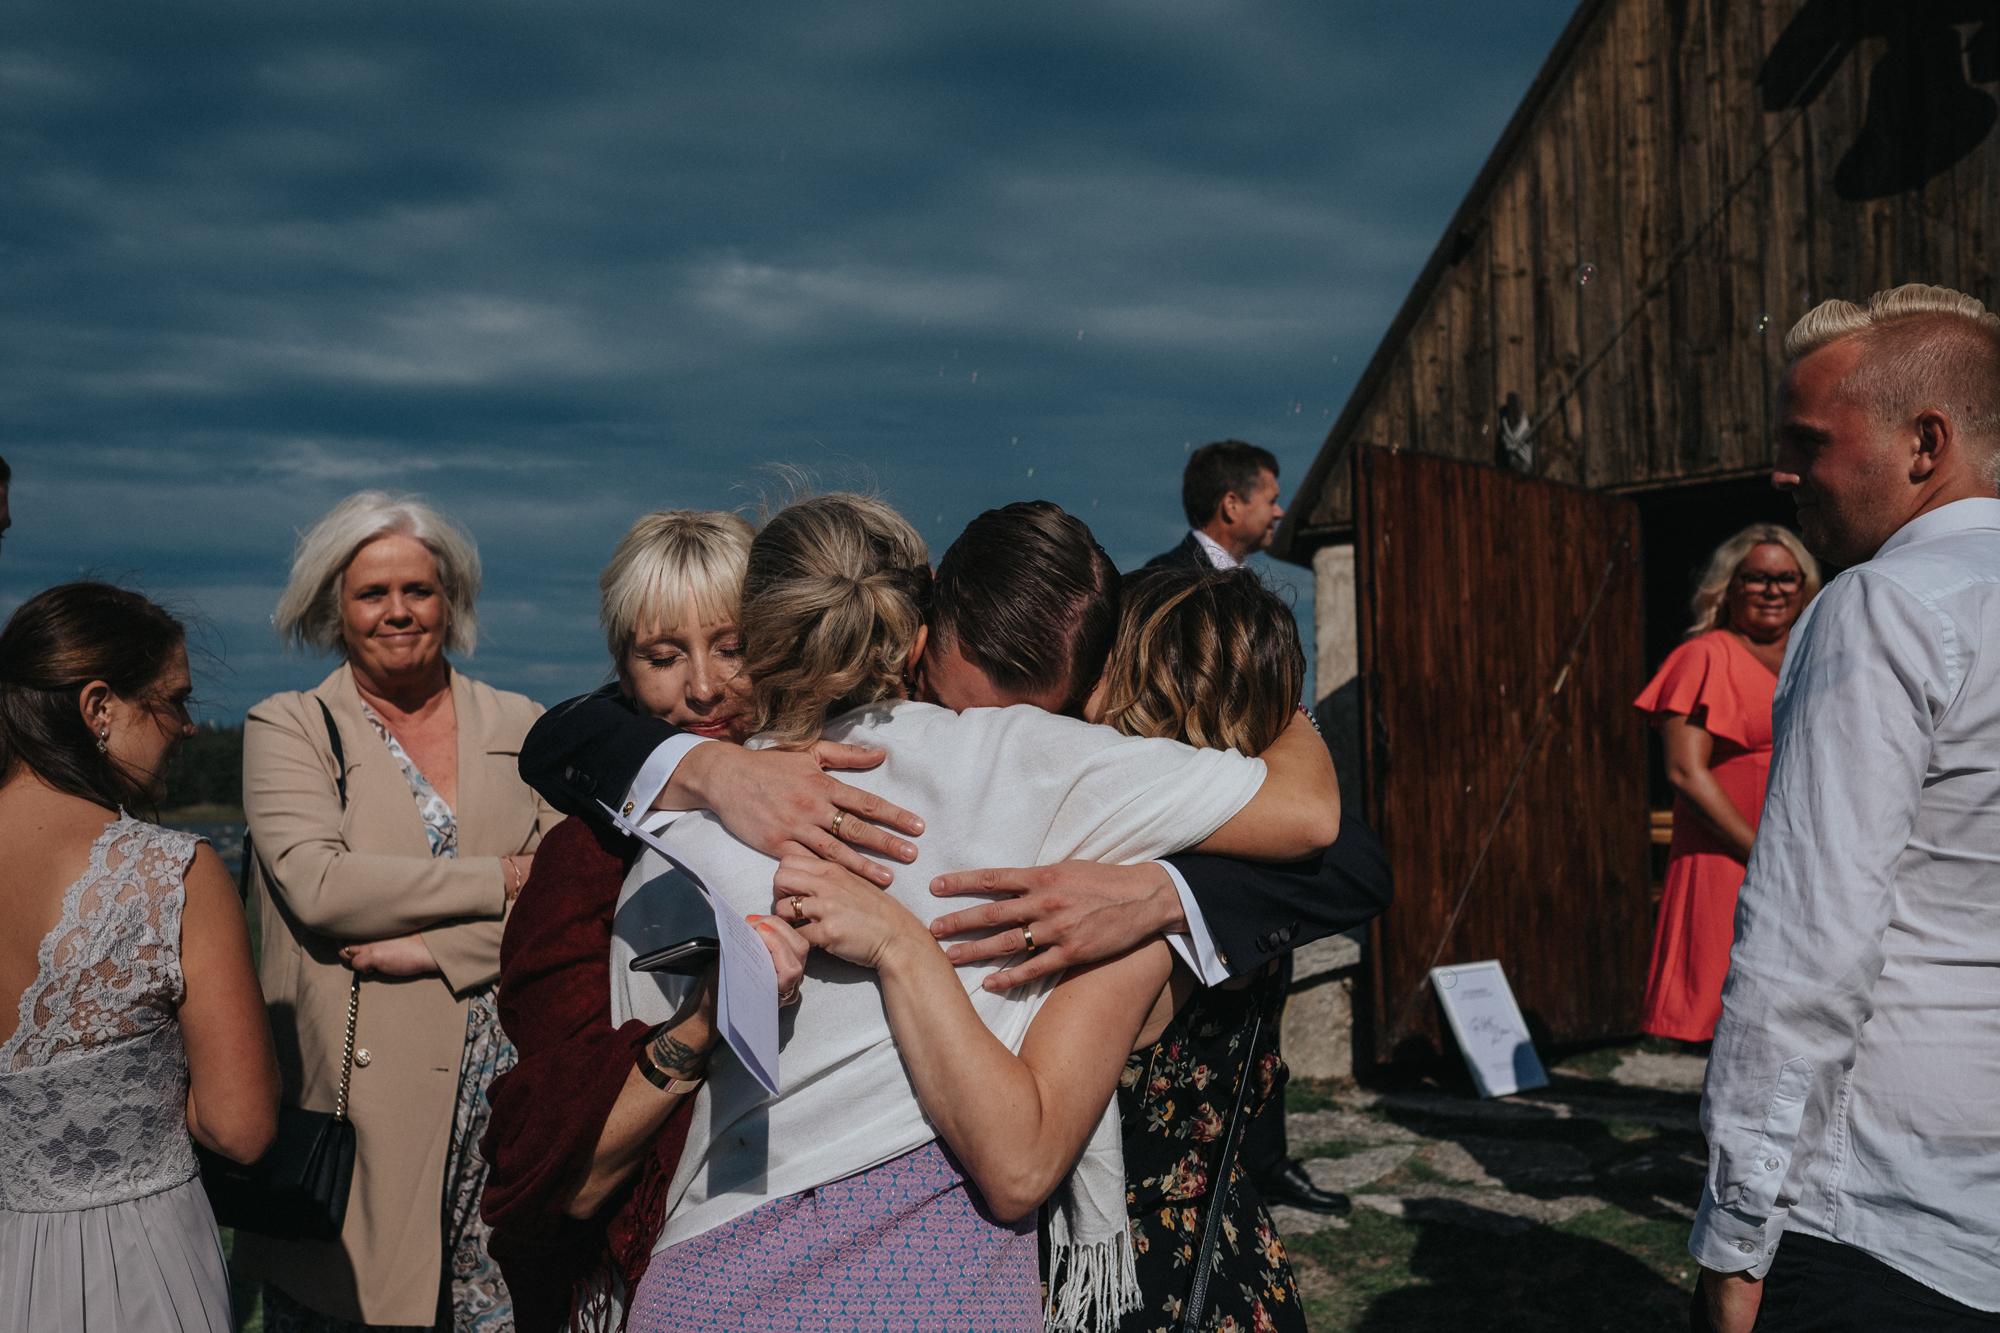 026-bröllopsfotograf-gotland-neas-fotografi.jpg